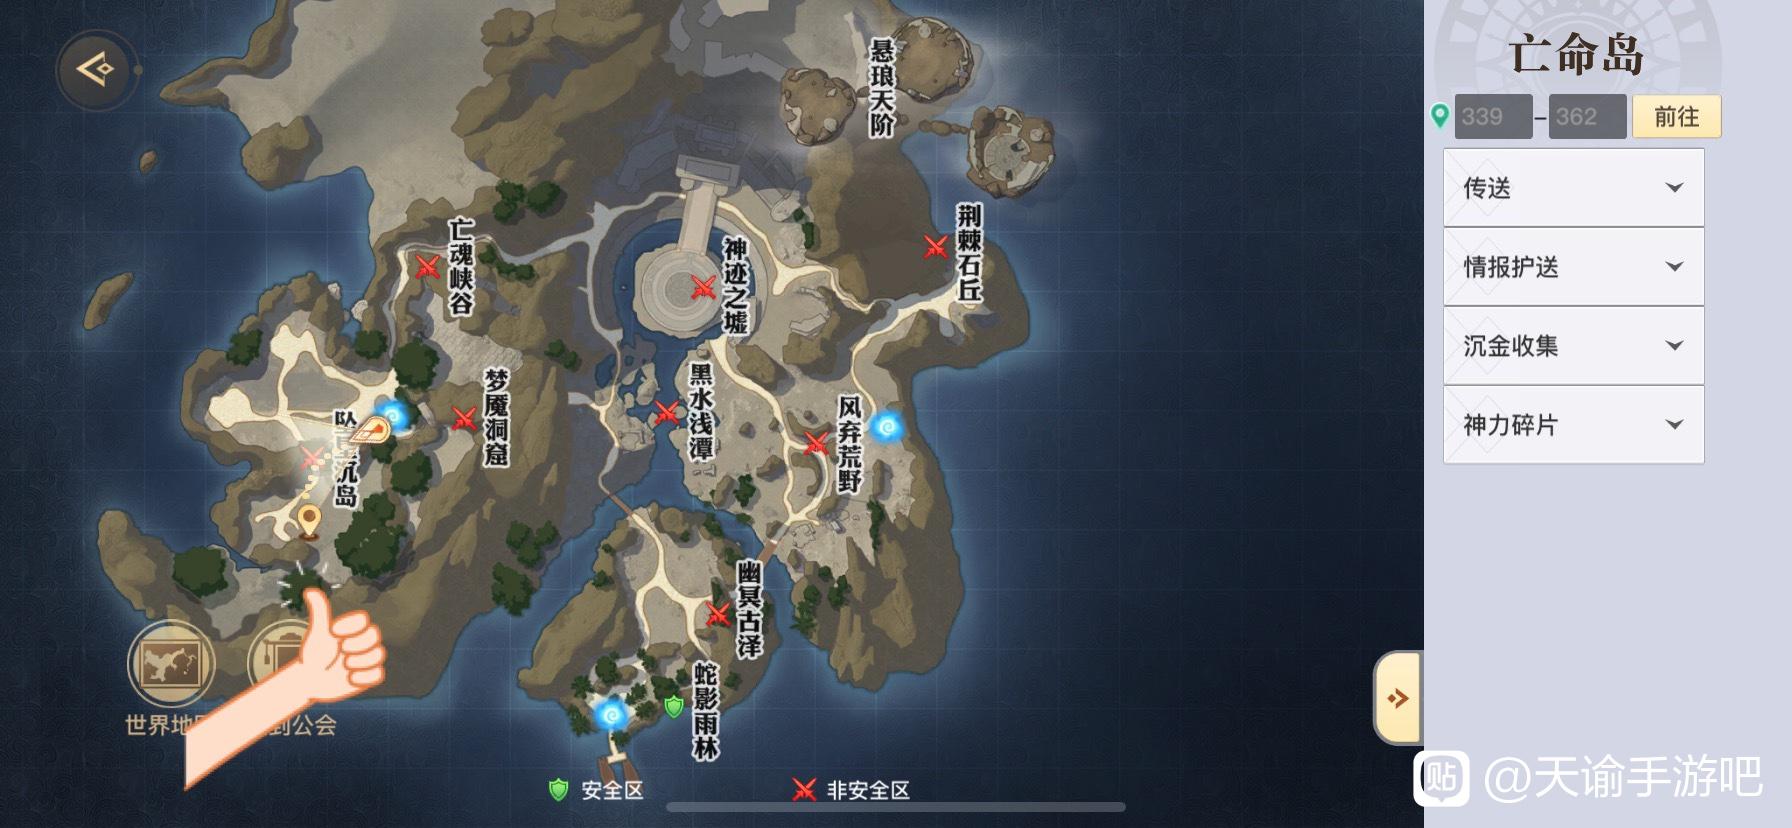 天谕手游亡命岛任务详细完成攻略